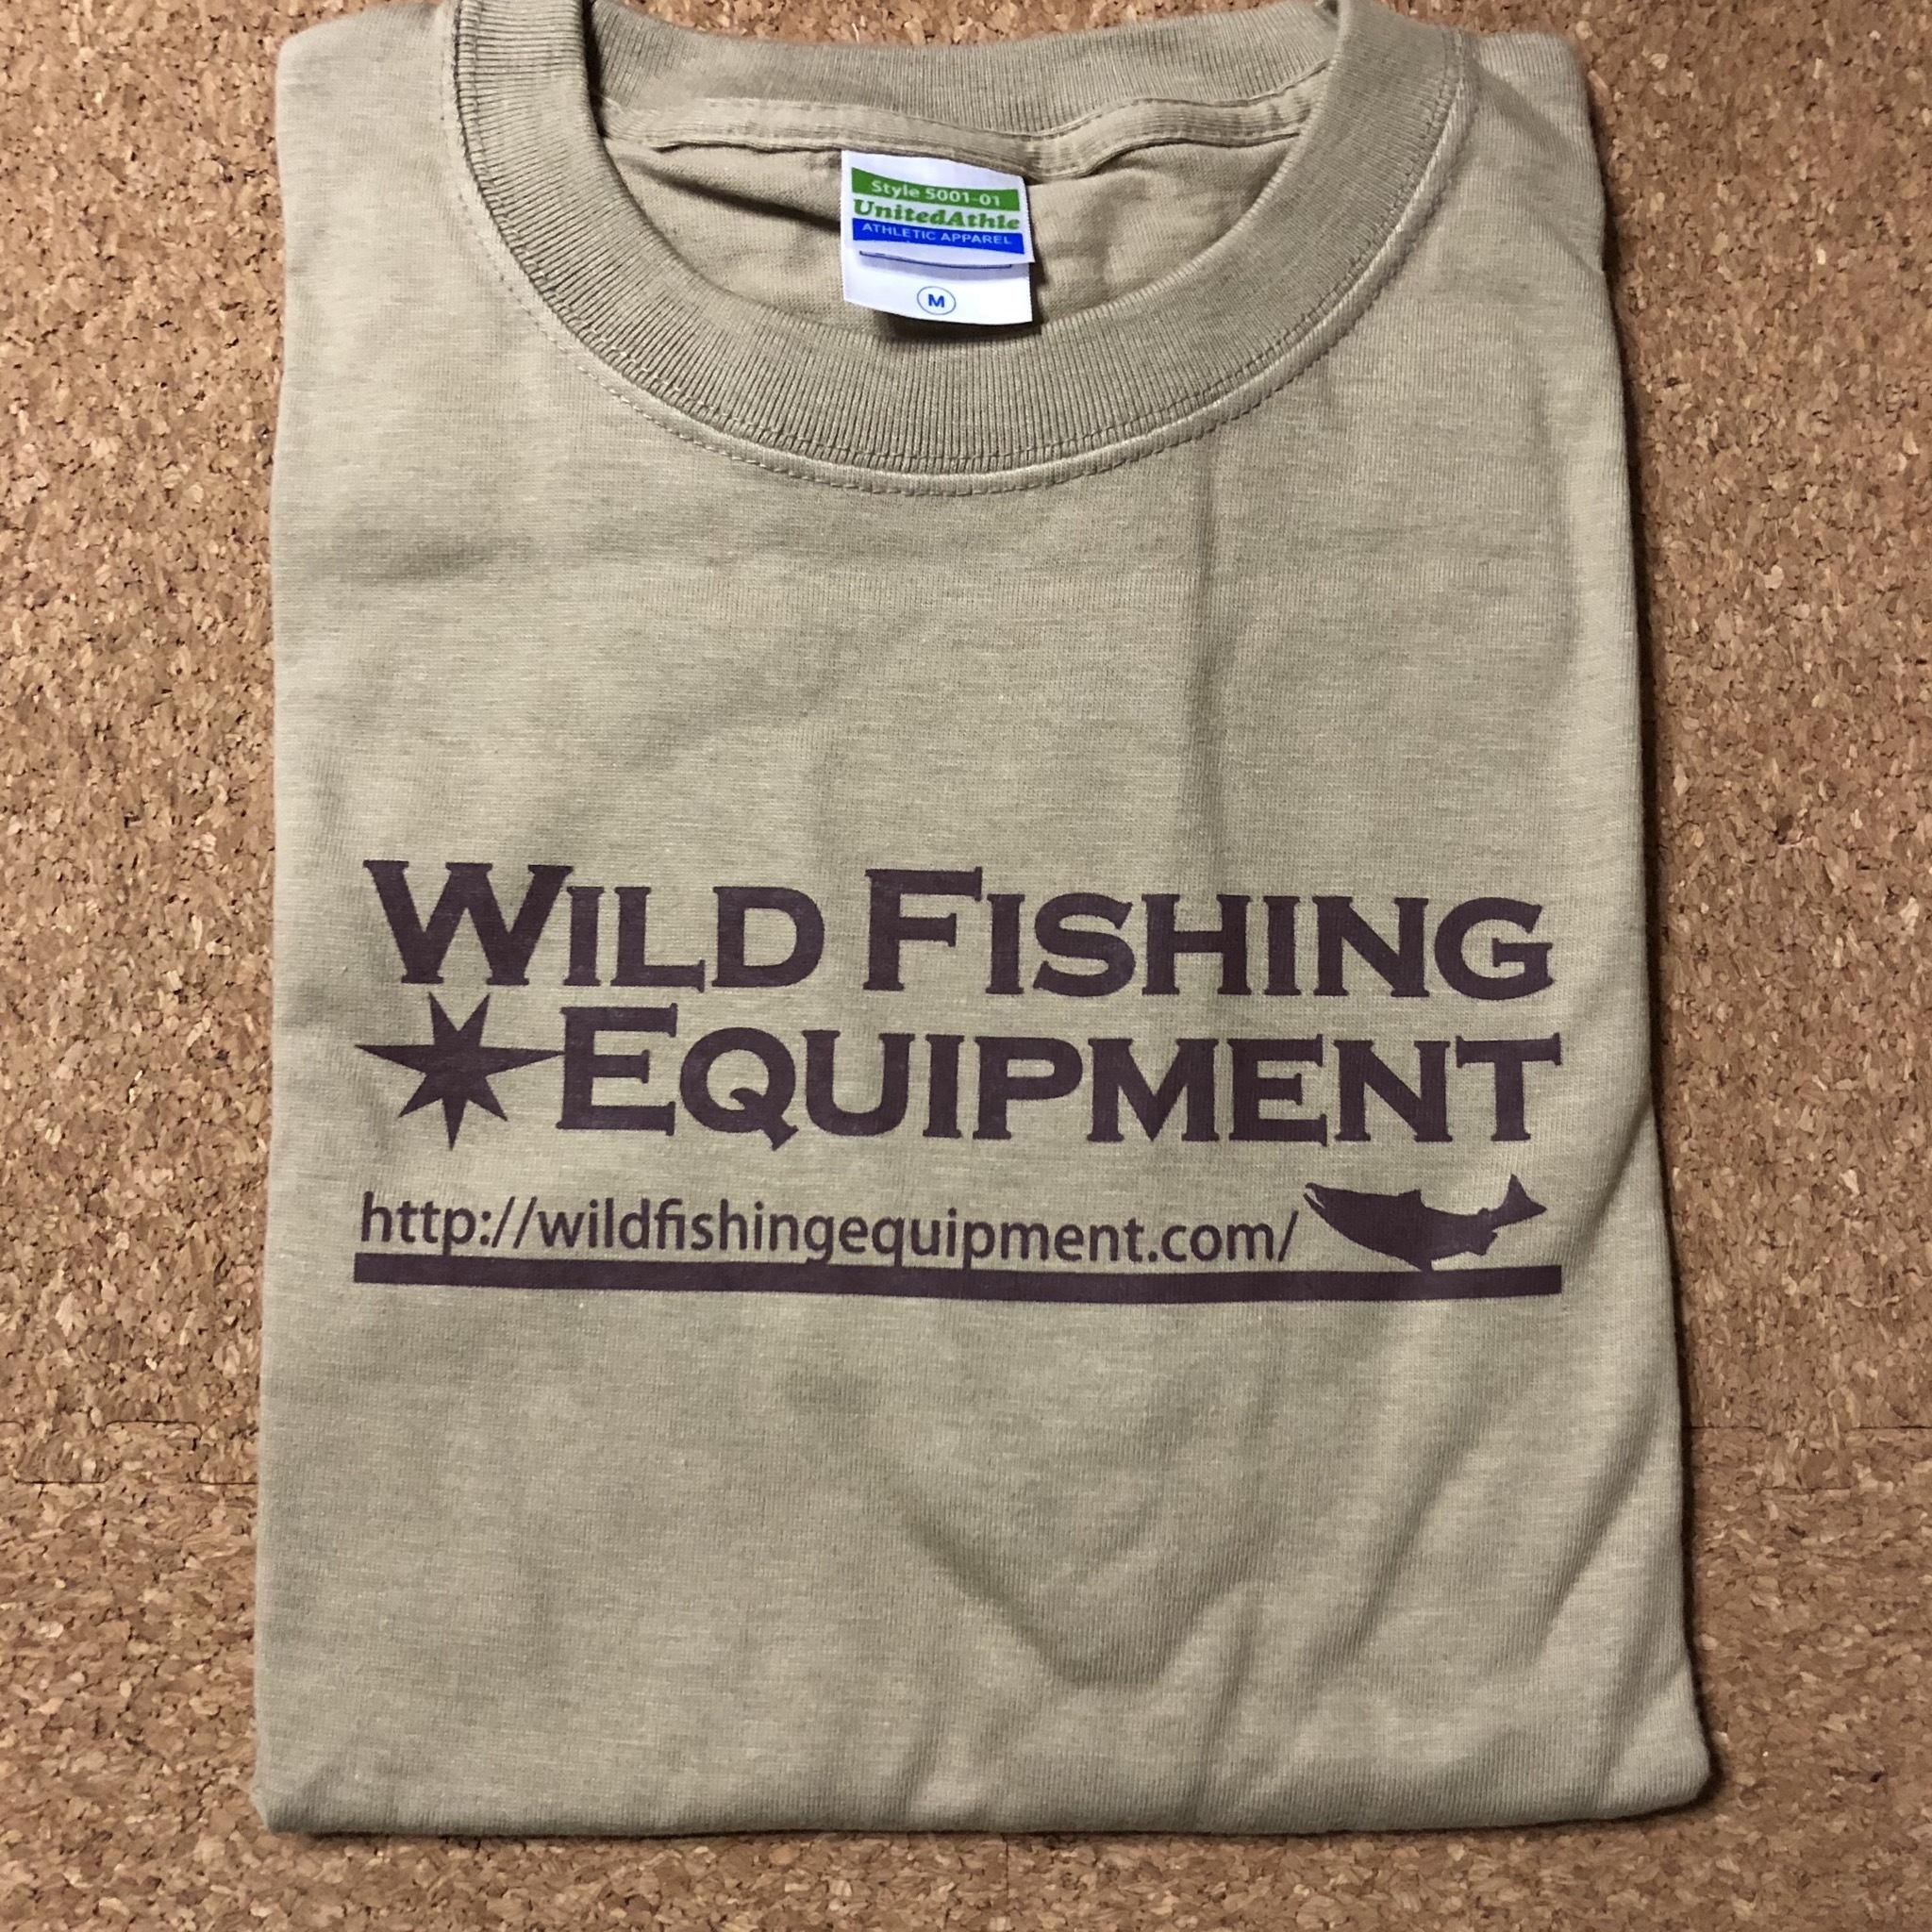 WildfishingequipmentオリジナルTシャツ【ベージュ】